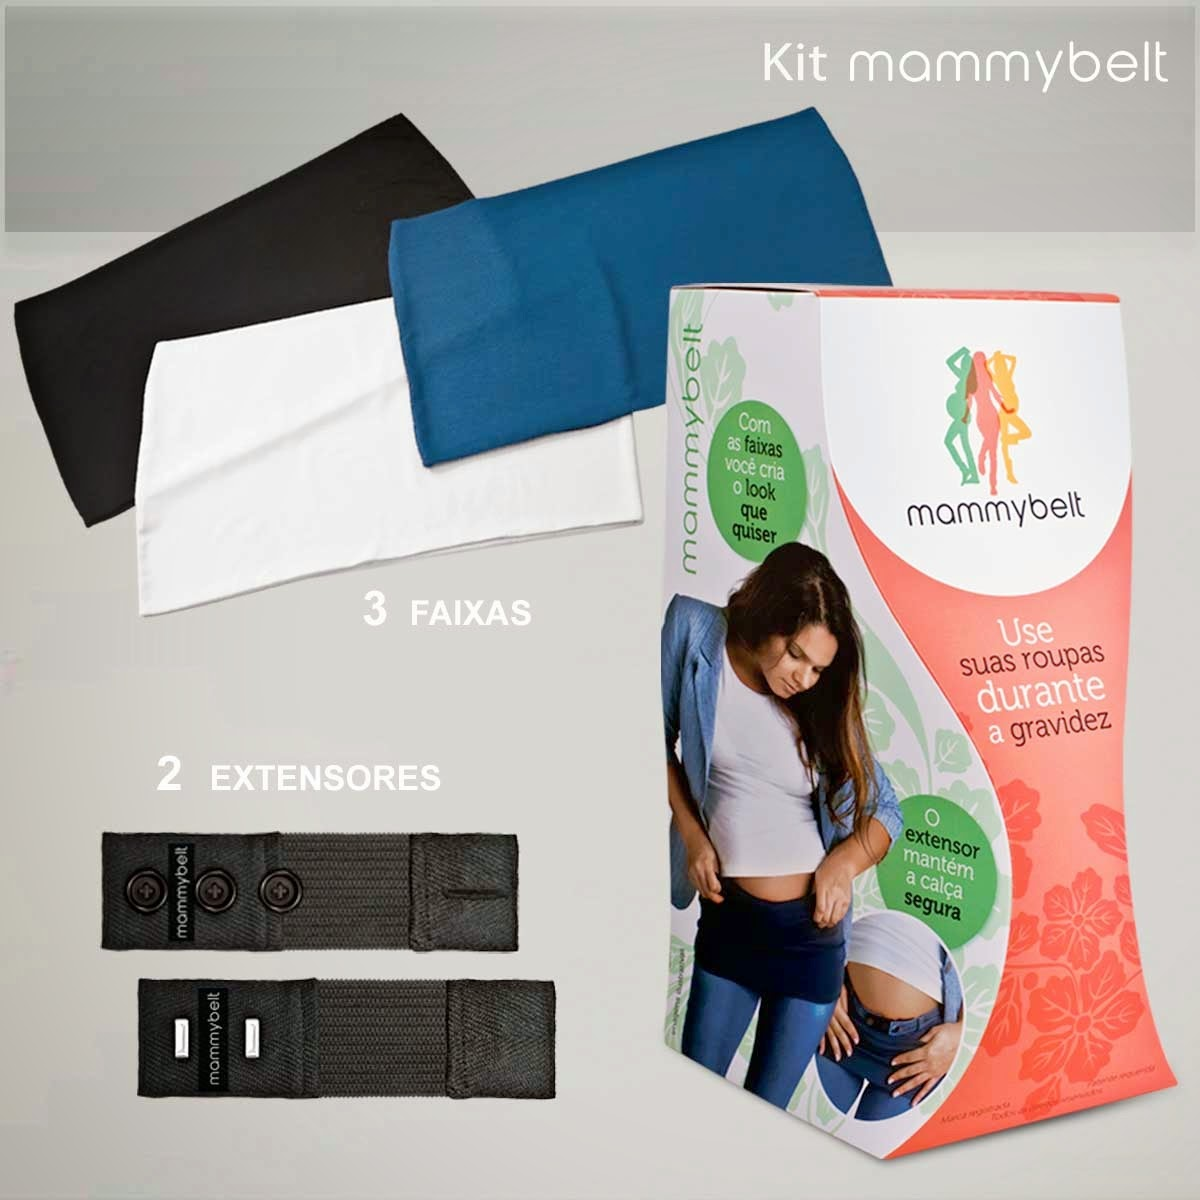 2567d9ae1e A primeira opção é um kit de extensores para ajustar calças que vc já tem.  Existe uma marca chamada mammybelt que vende esse kit por R 79